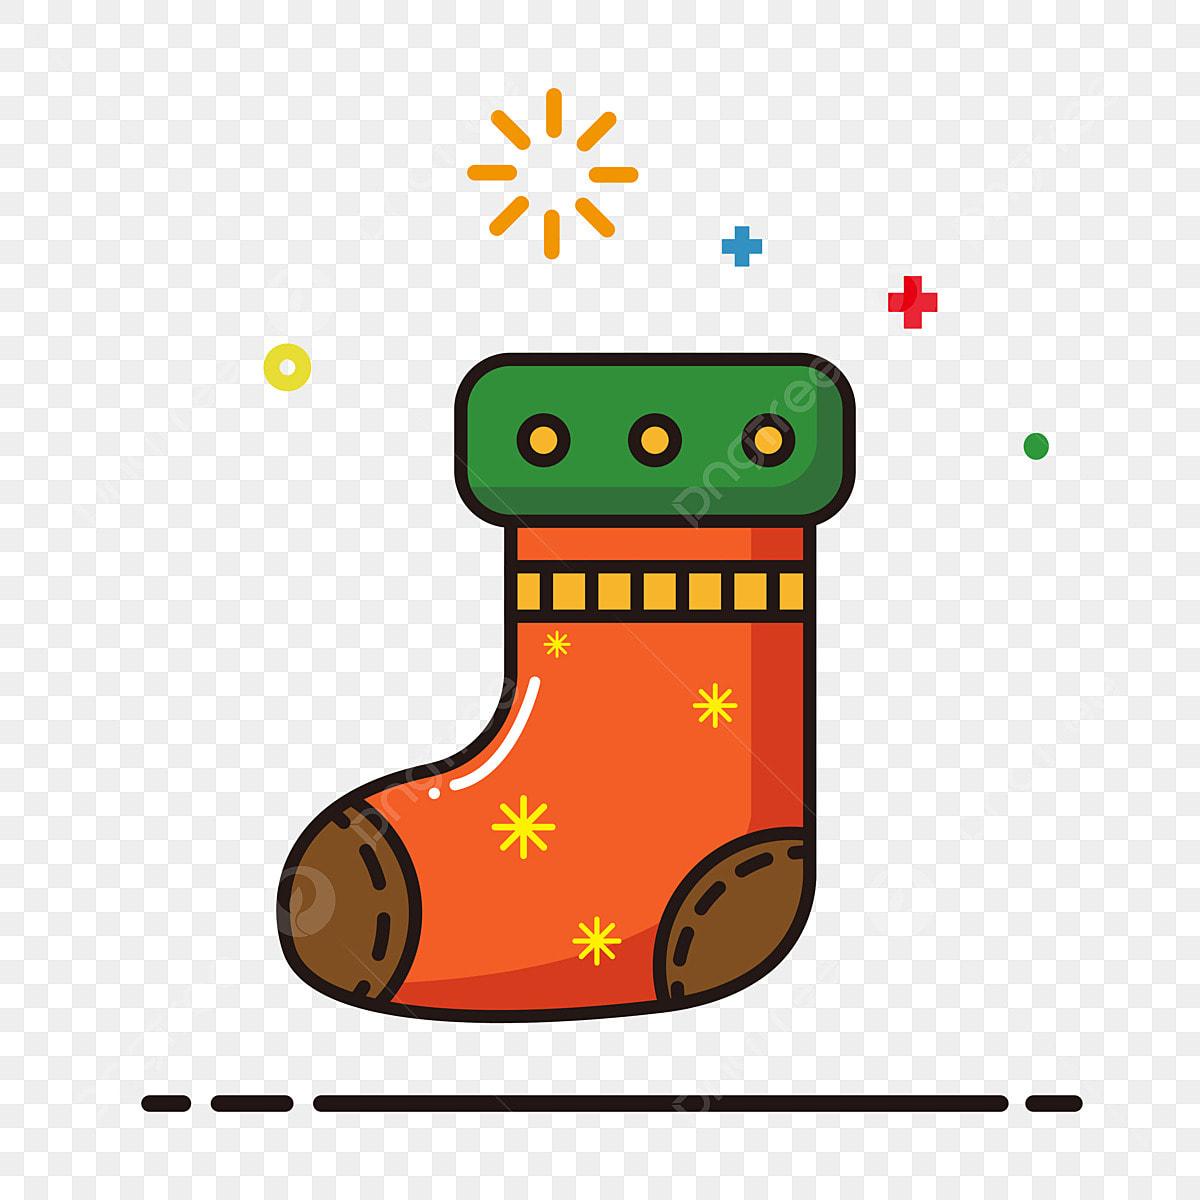 Dibujos De Navidad Creativos.Navidad Media Mbe Dibujos Animados Elementos Comerciales